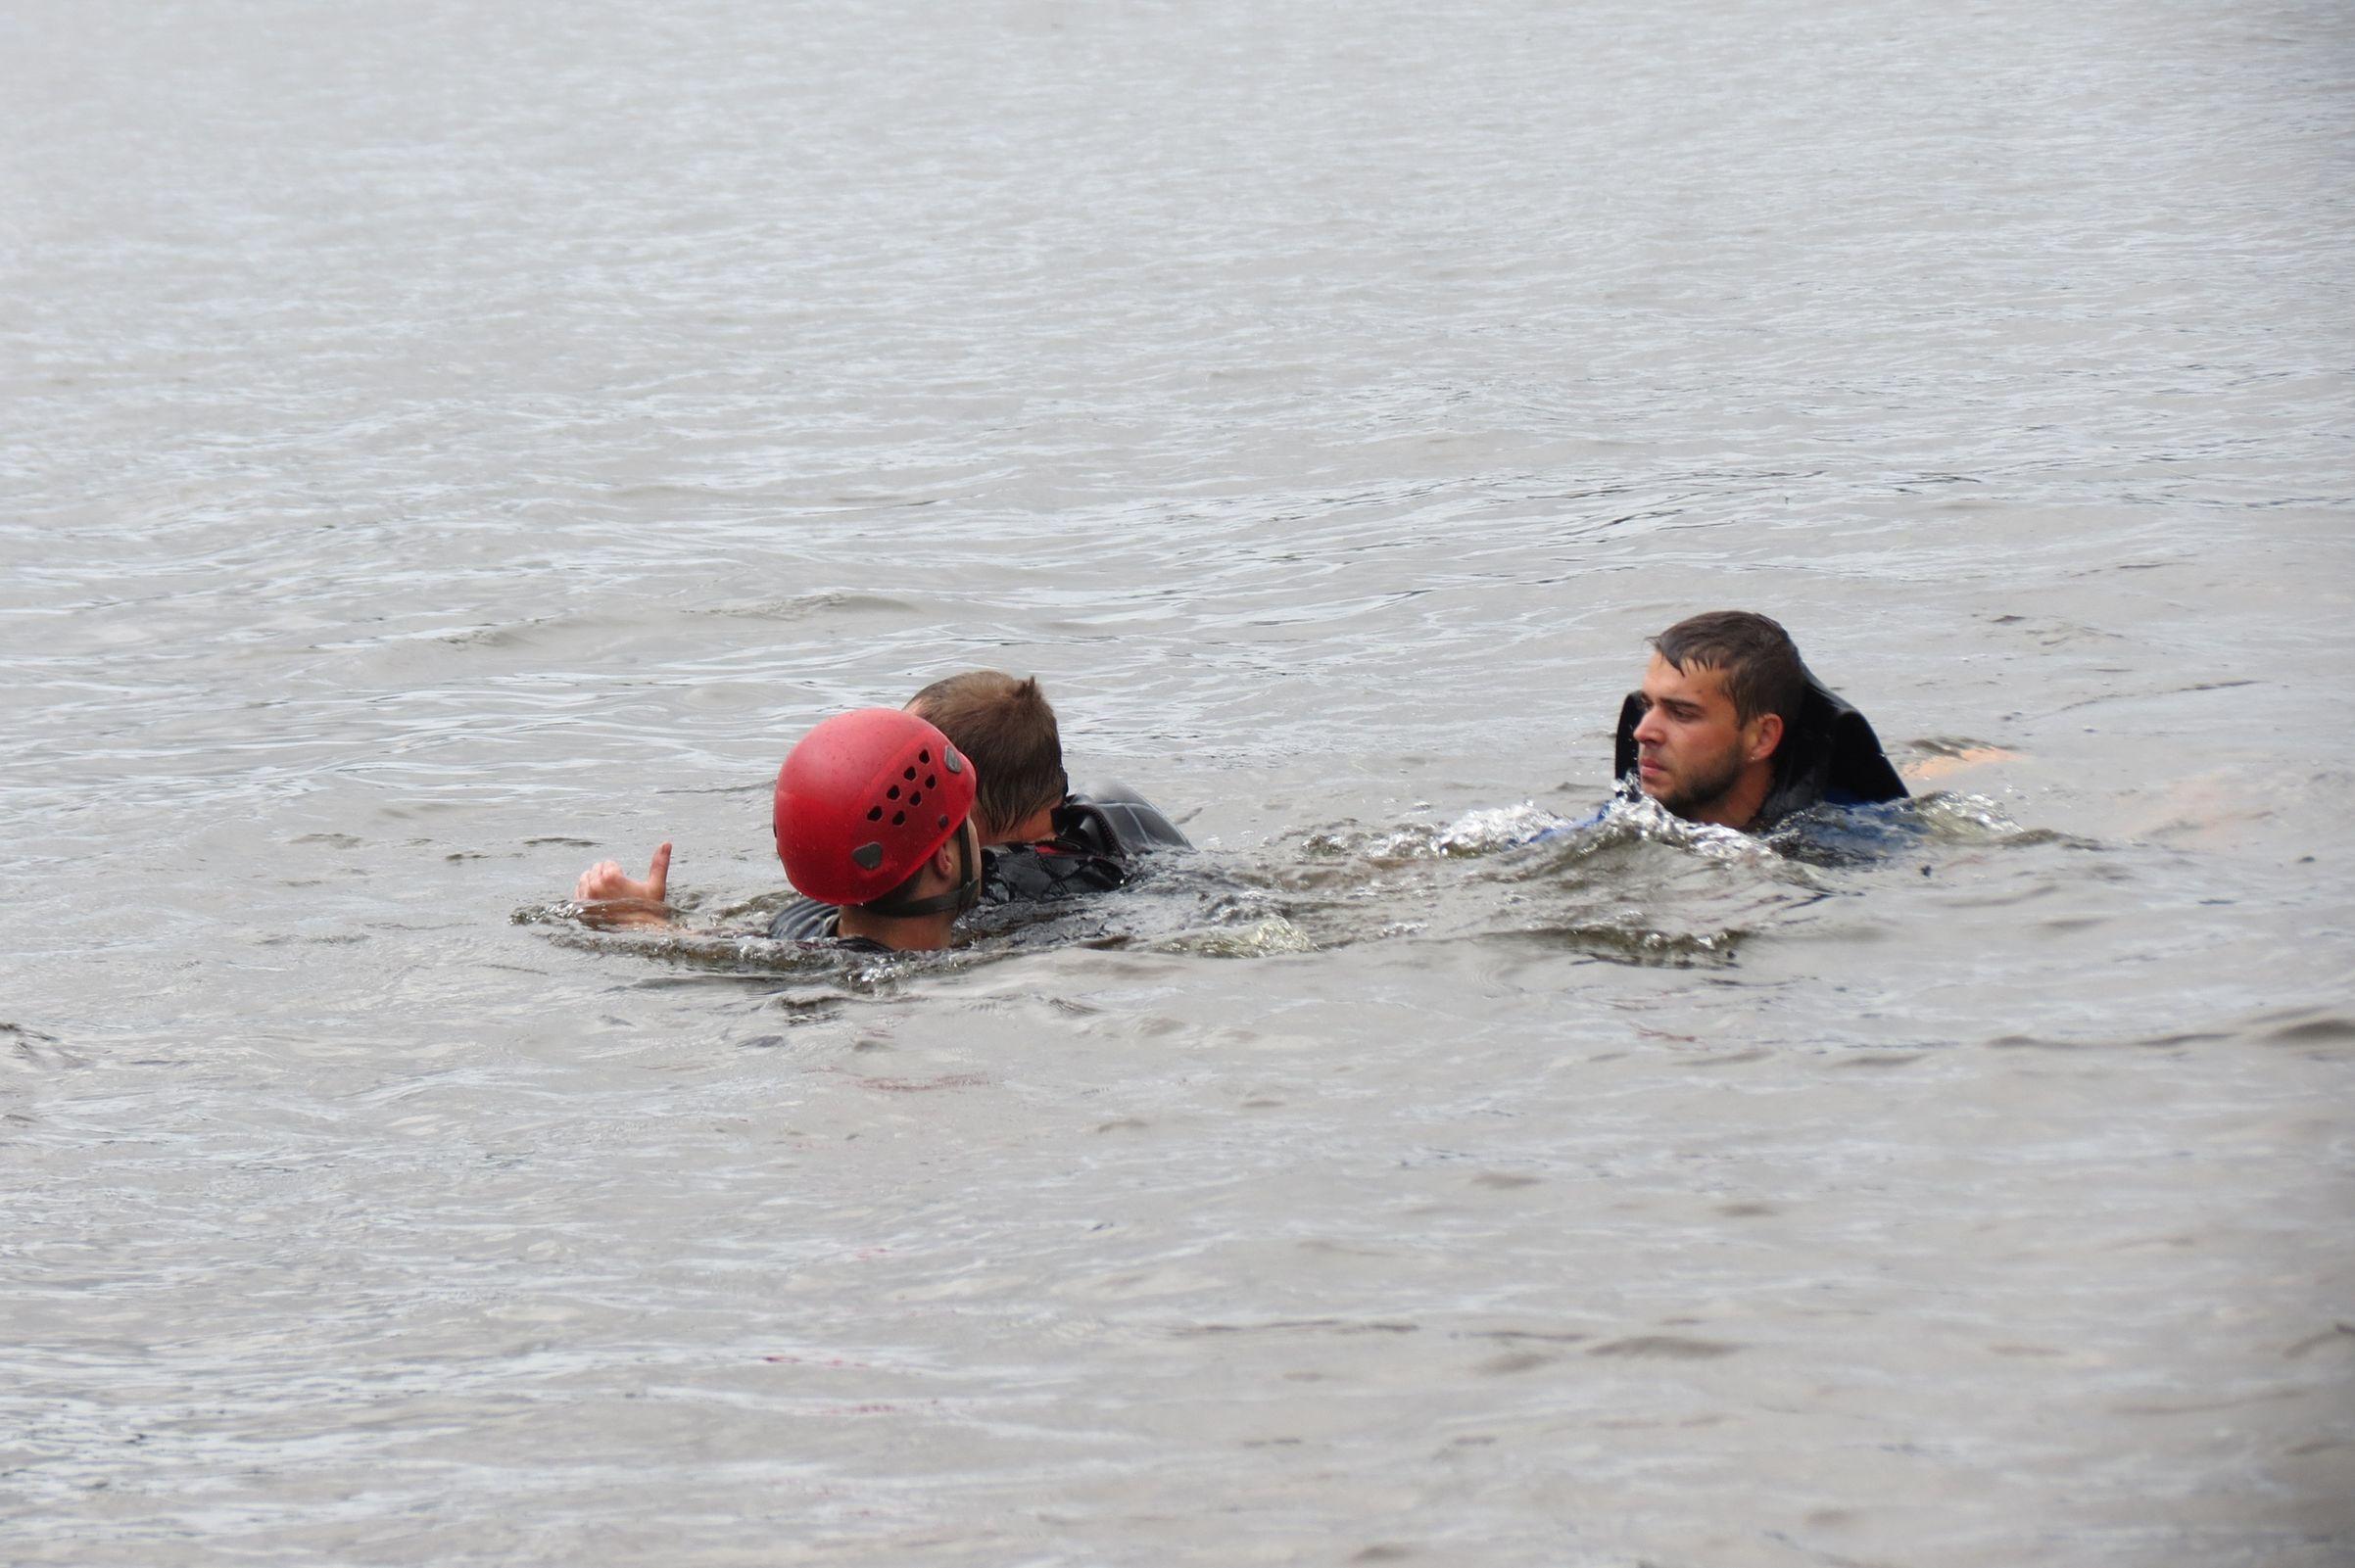 На Волге перевернулся катамаран с людьми: ярославские спасатели провели учения